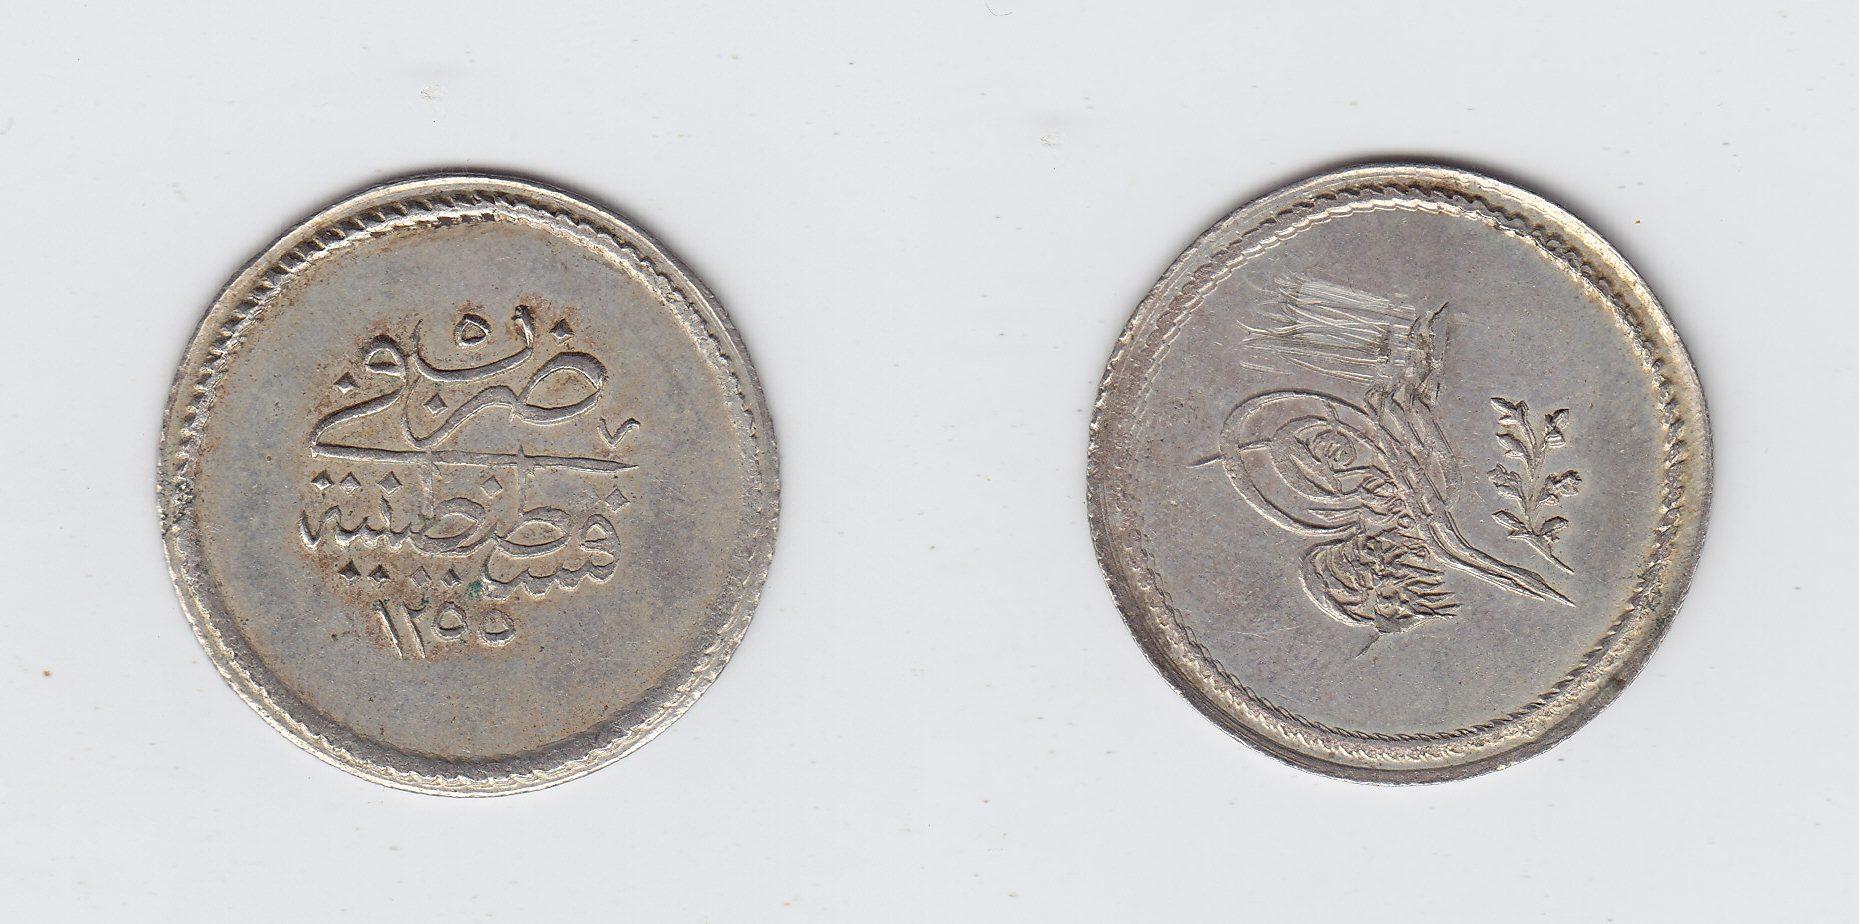 Türkei 1 1/2 Kurusch 1255/5AH Konst. vz-unz